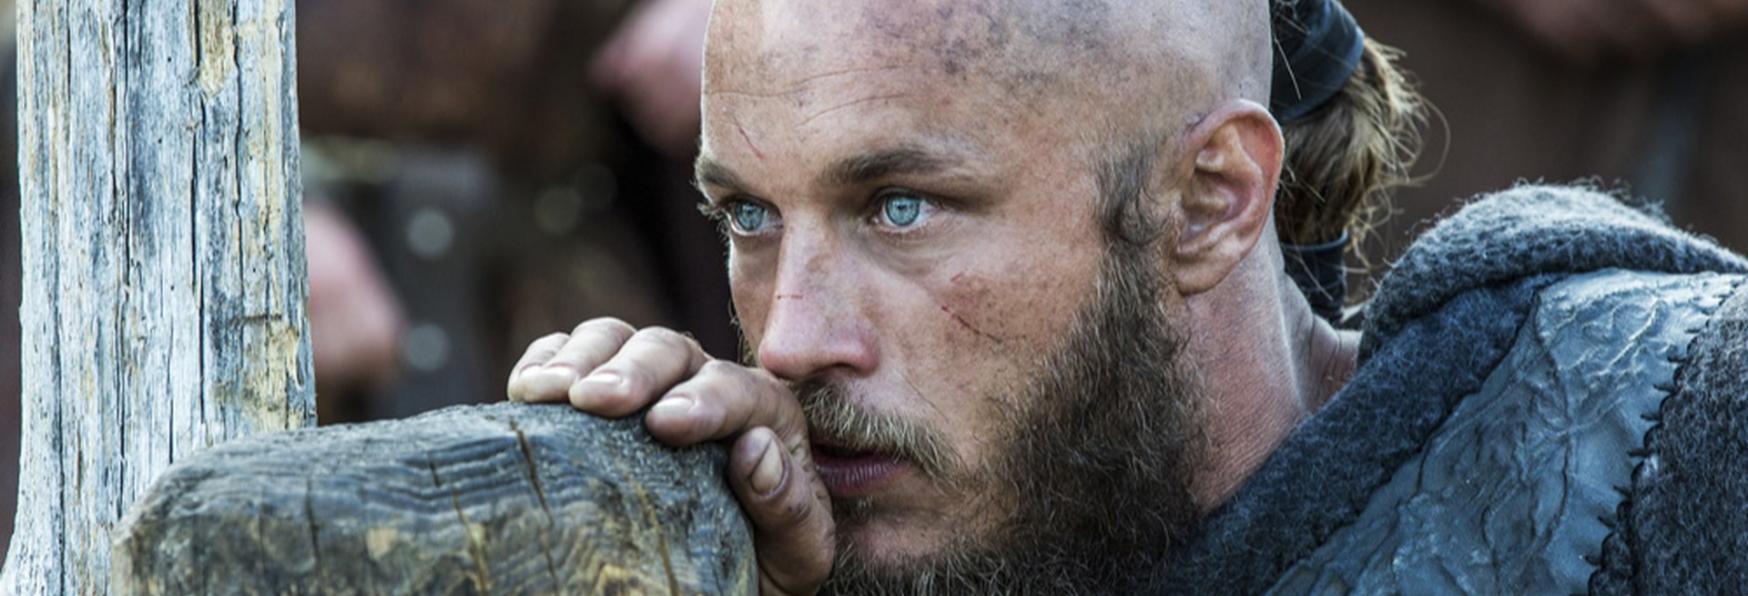 Il Creatore di Vikings è al lavoro su due nuove Serie TV Storiche